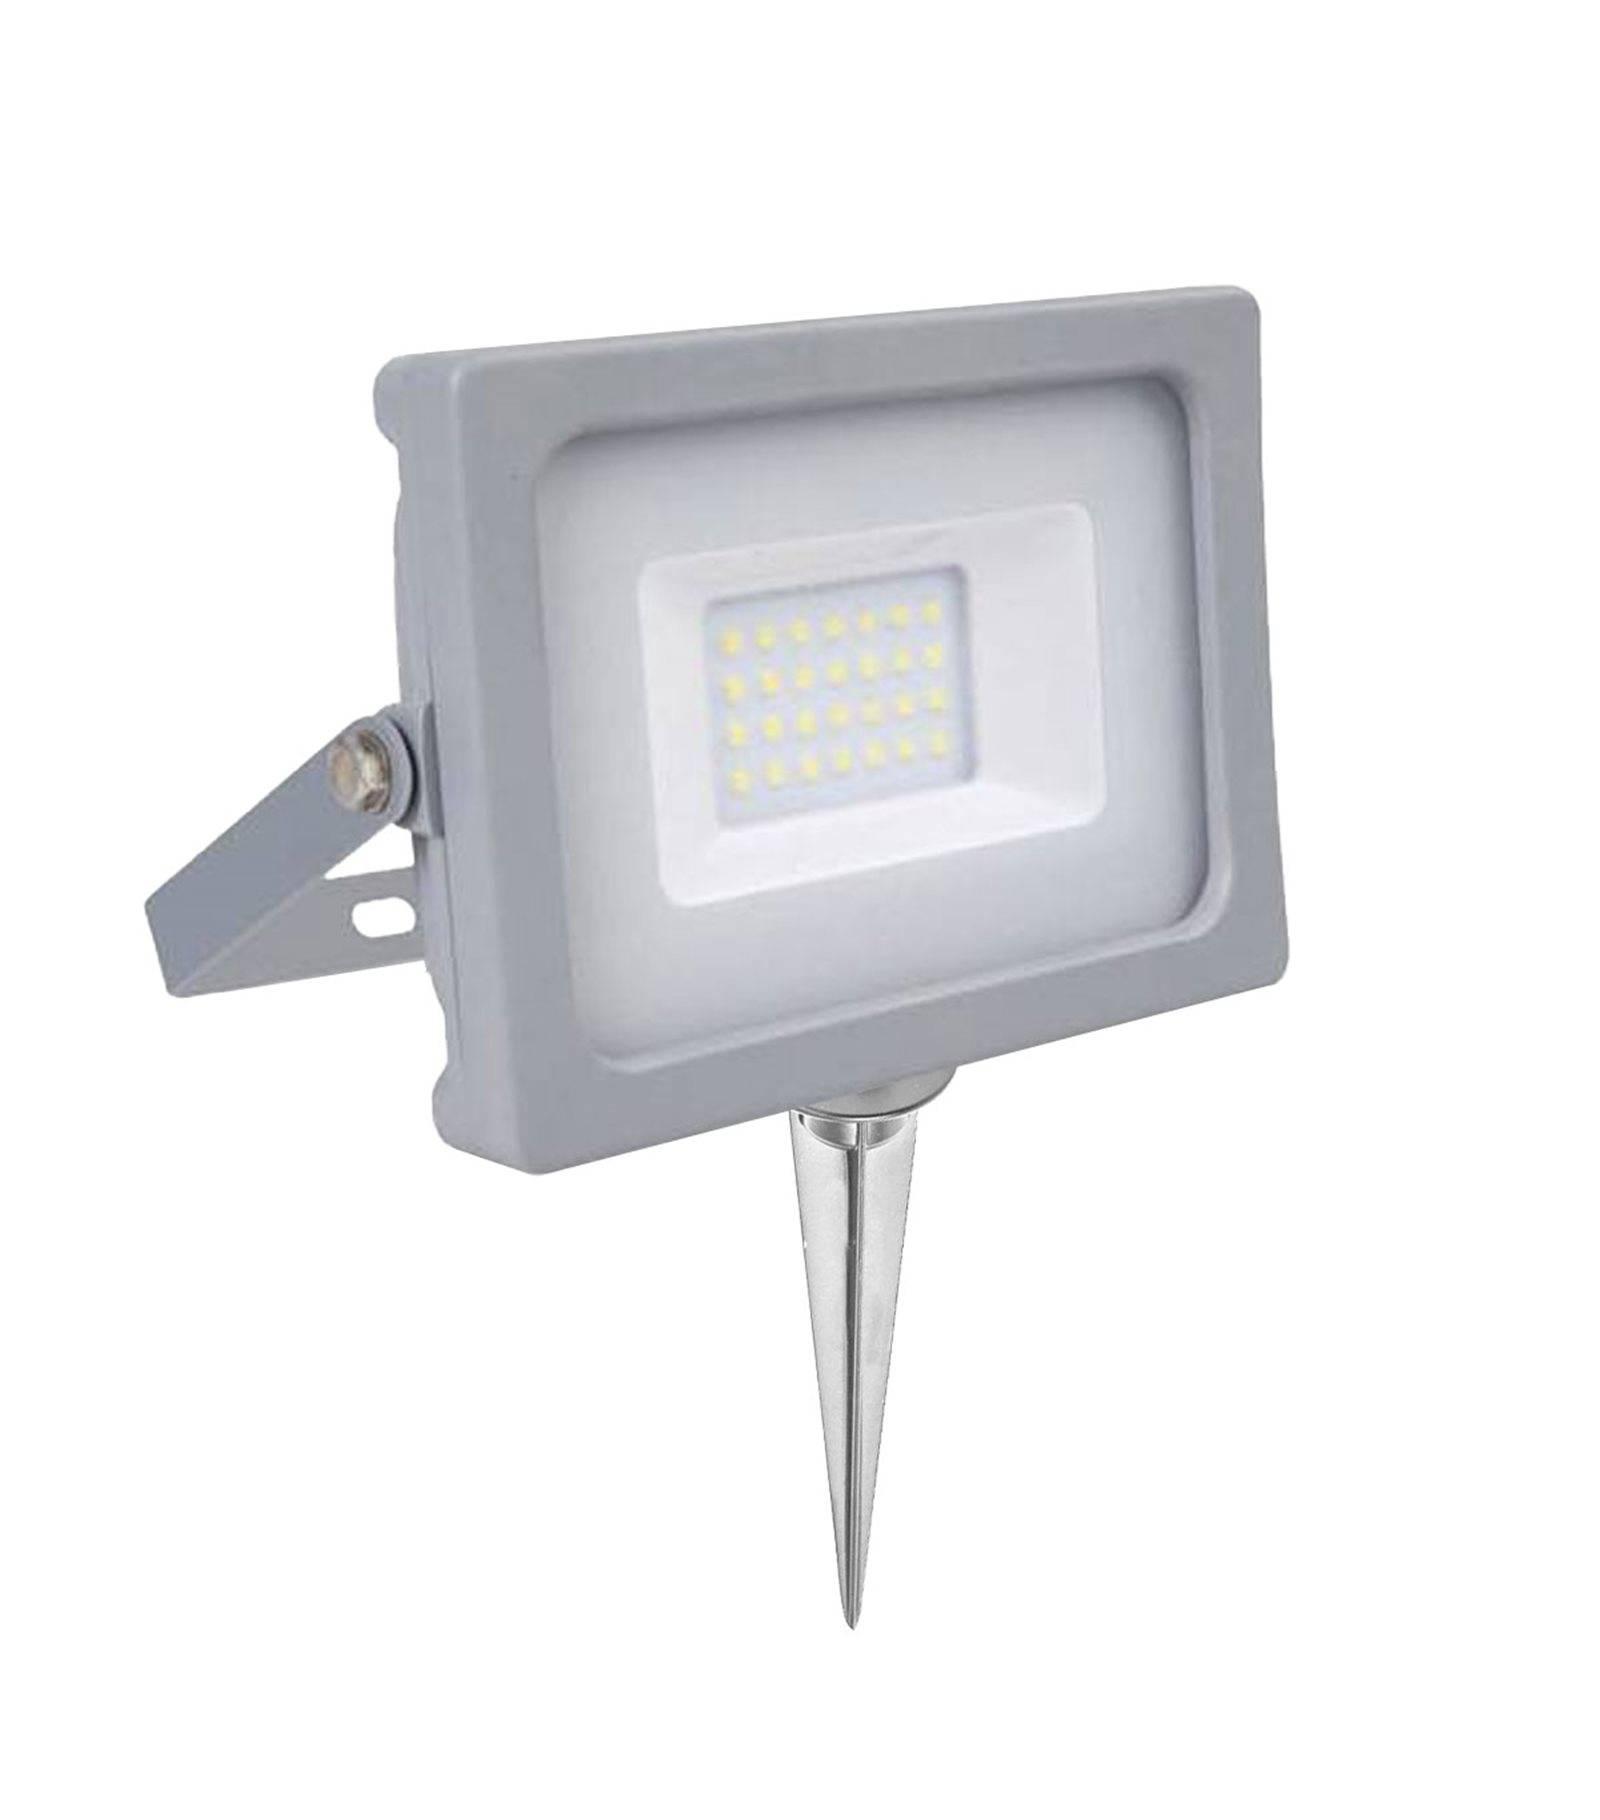 V-TAC Pack projecteur LED SMD 20W rendu 100W Blanc chaud 3000K+ Support à piquer Gris V-TAC